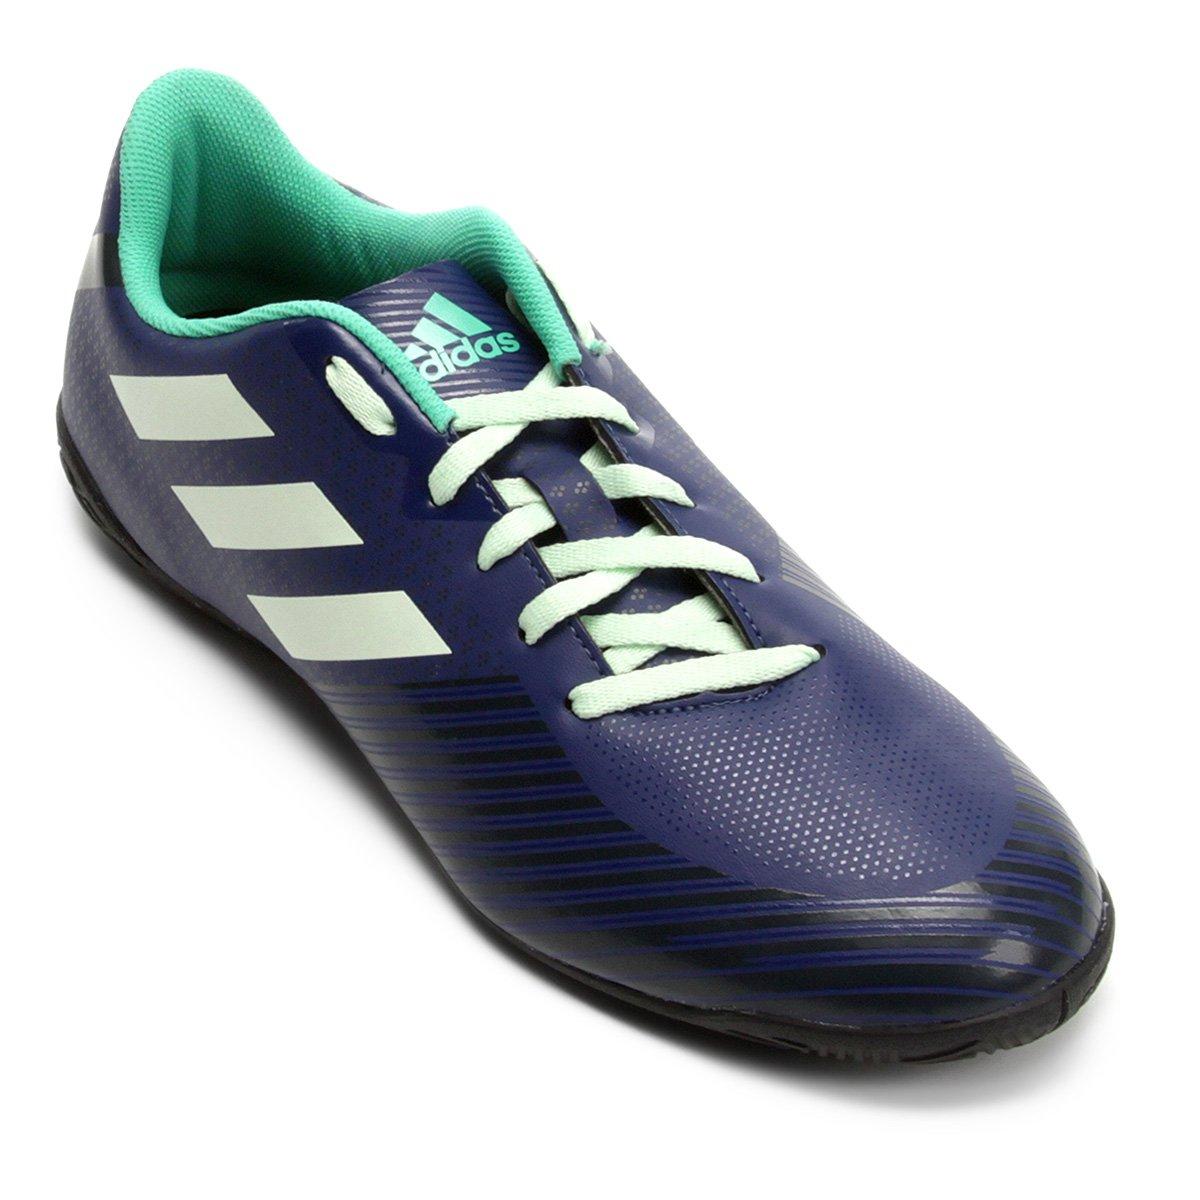 Chuteira Futsal Adidas Artilheira 18 IN - Azul e Verde - Compre ... e86bf30763441